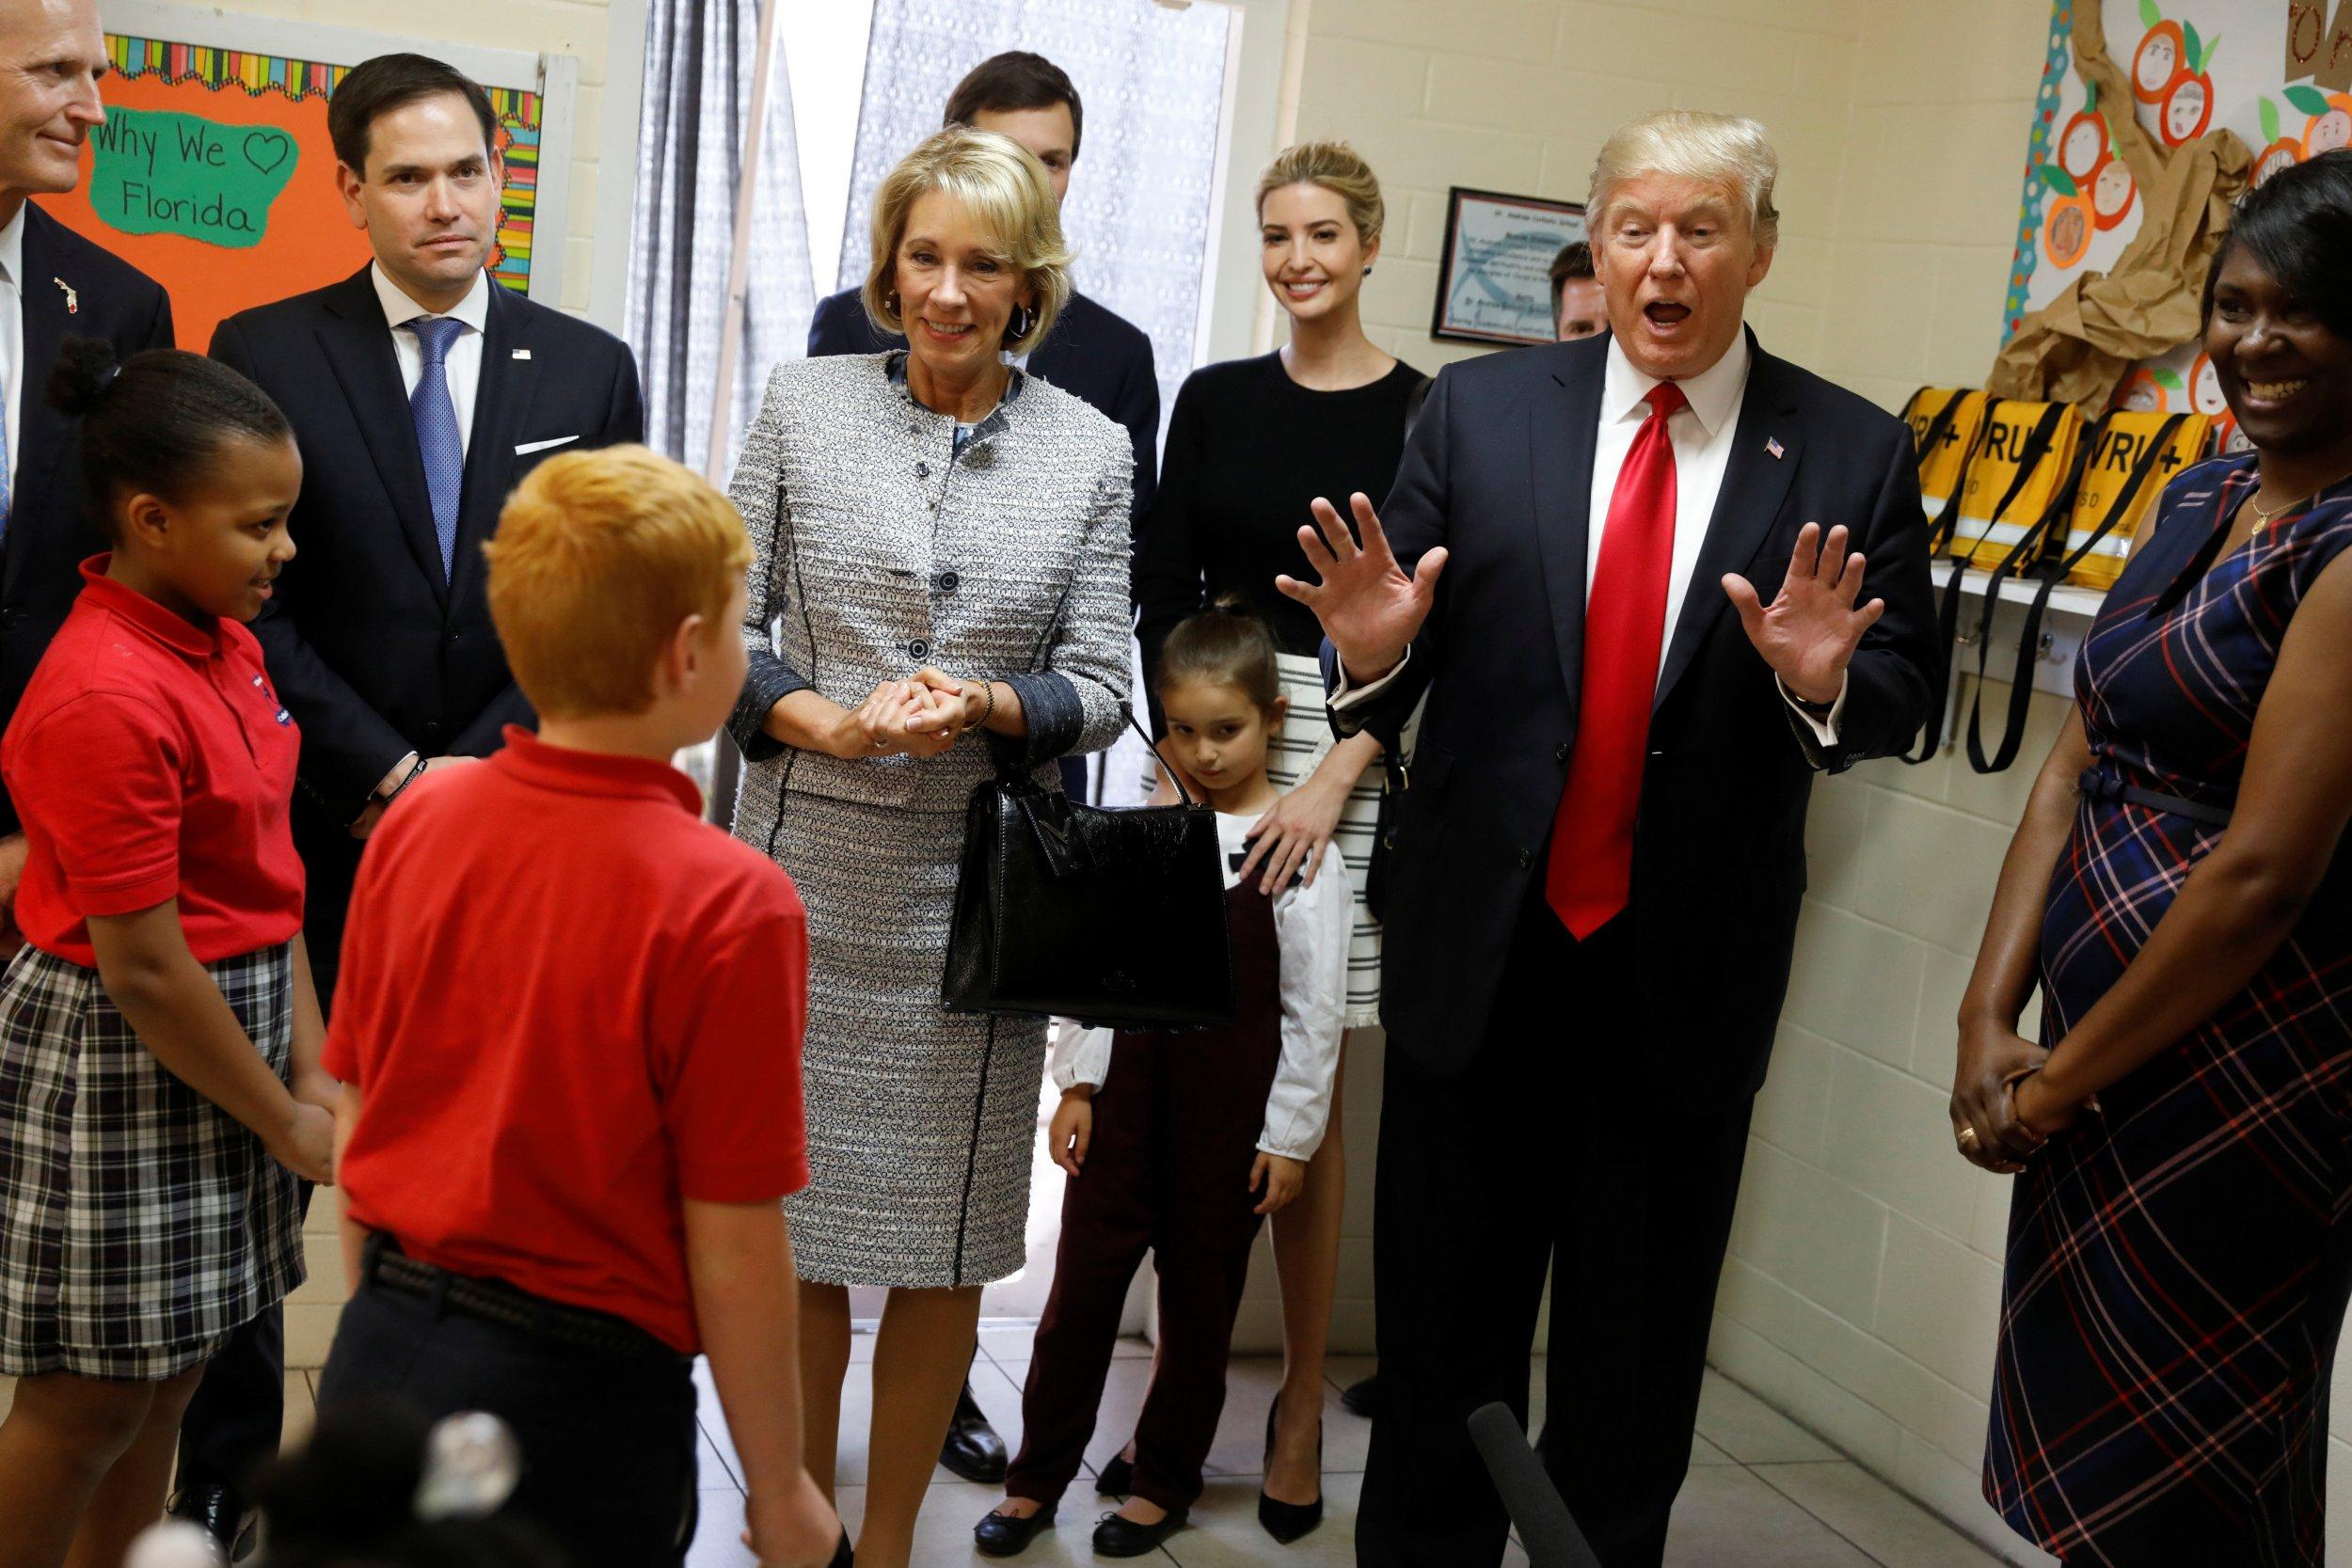 Donald Trump and Ivanka